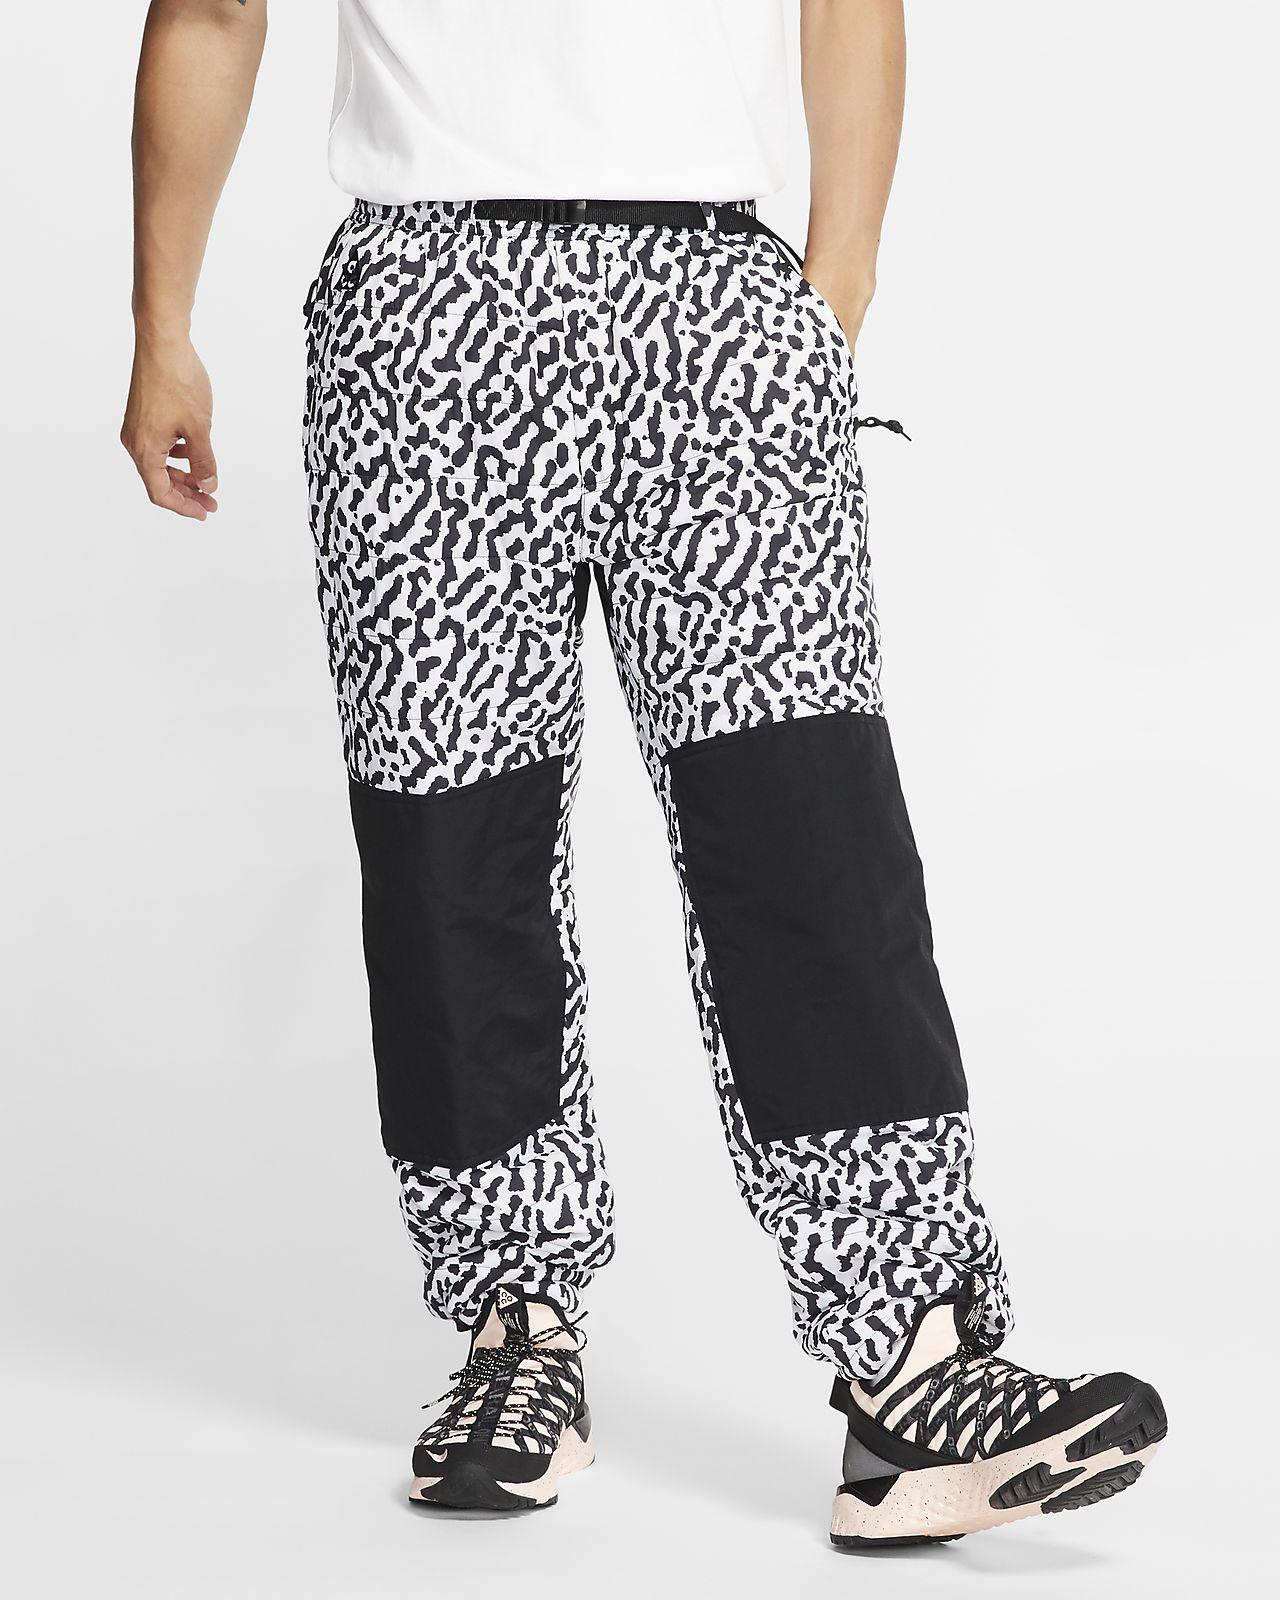 Calças para trilhos com estampado integral Nike ACG Primaloft® para homem